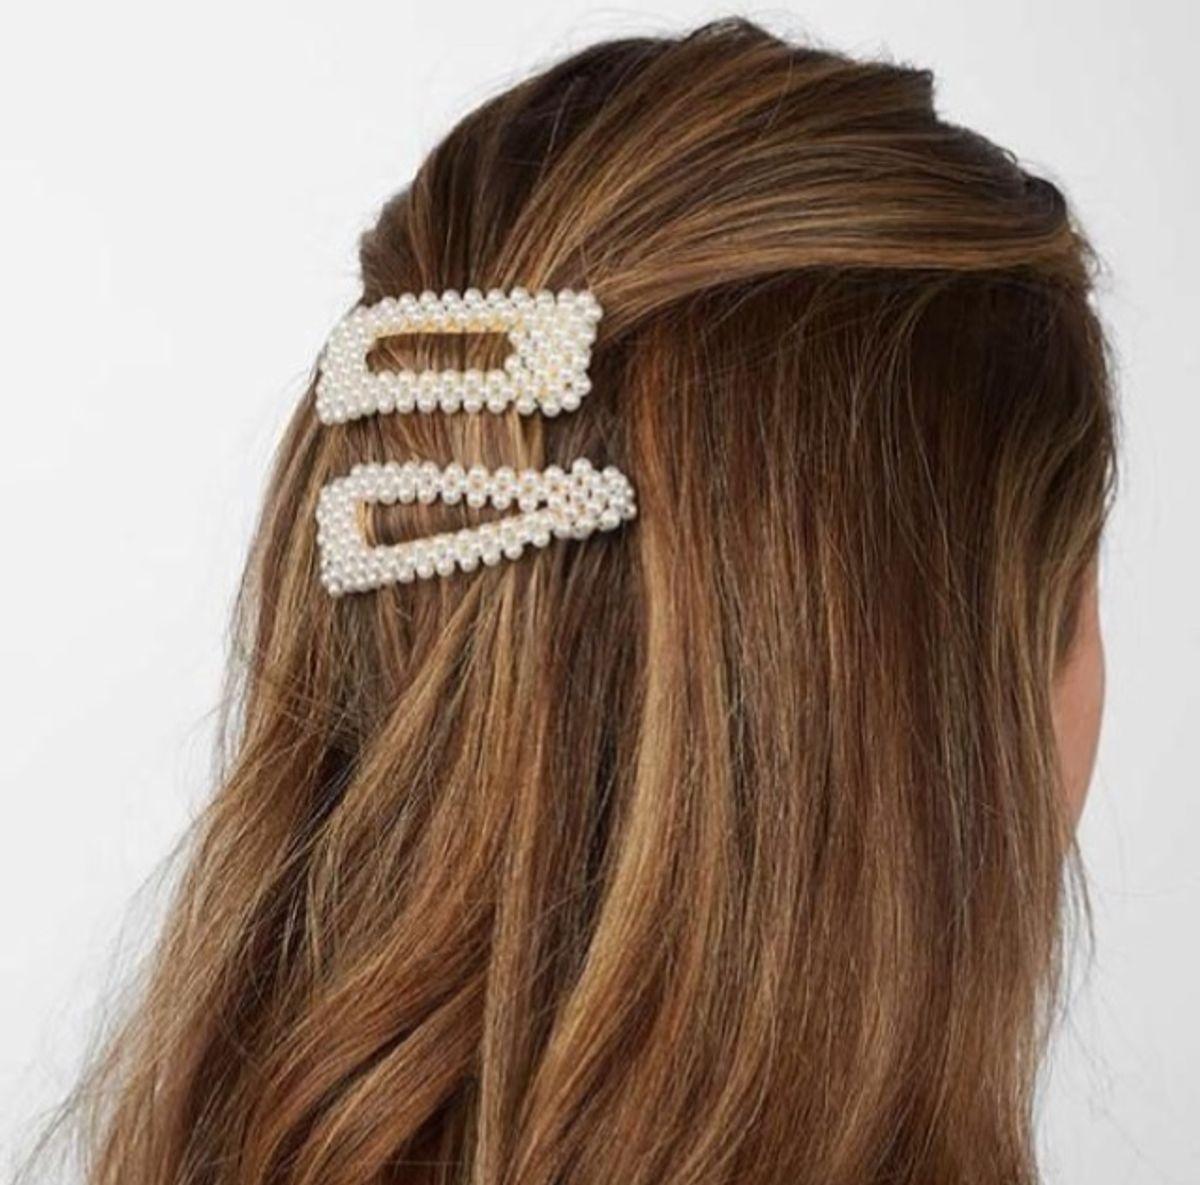 conjunto presilhas de pérola - cabelos holy basic store